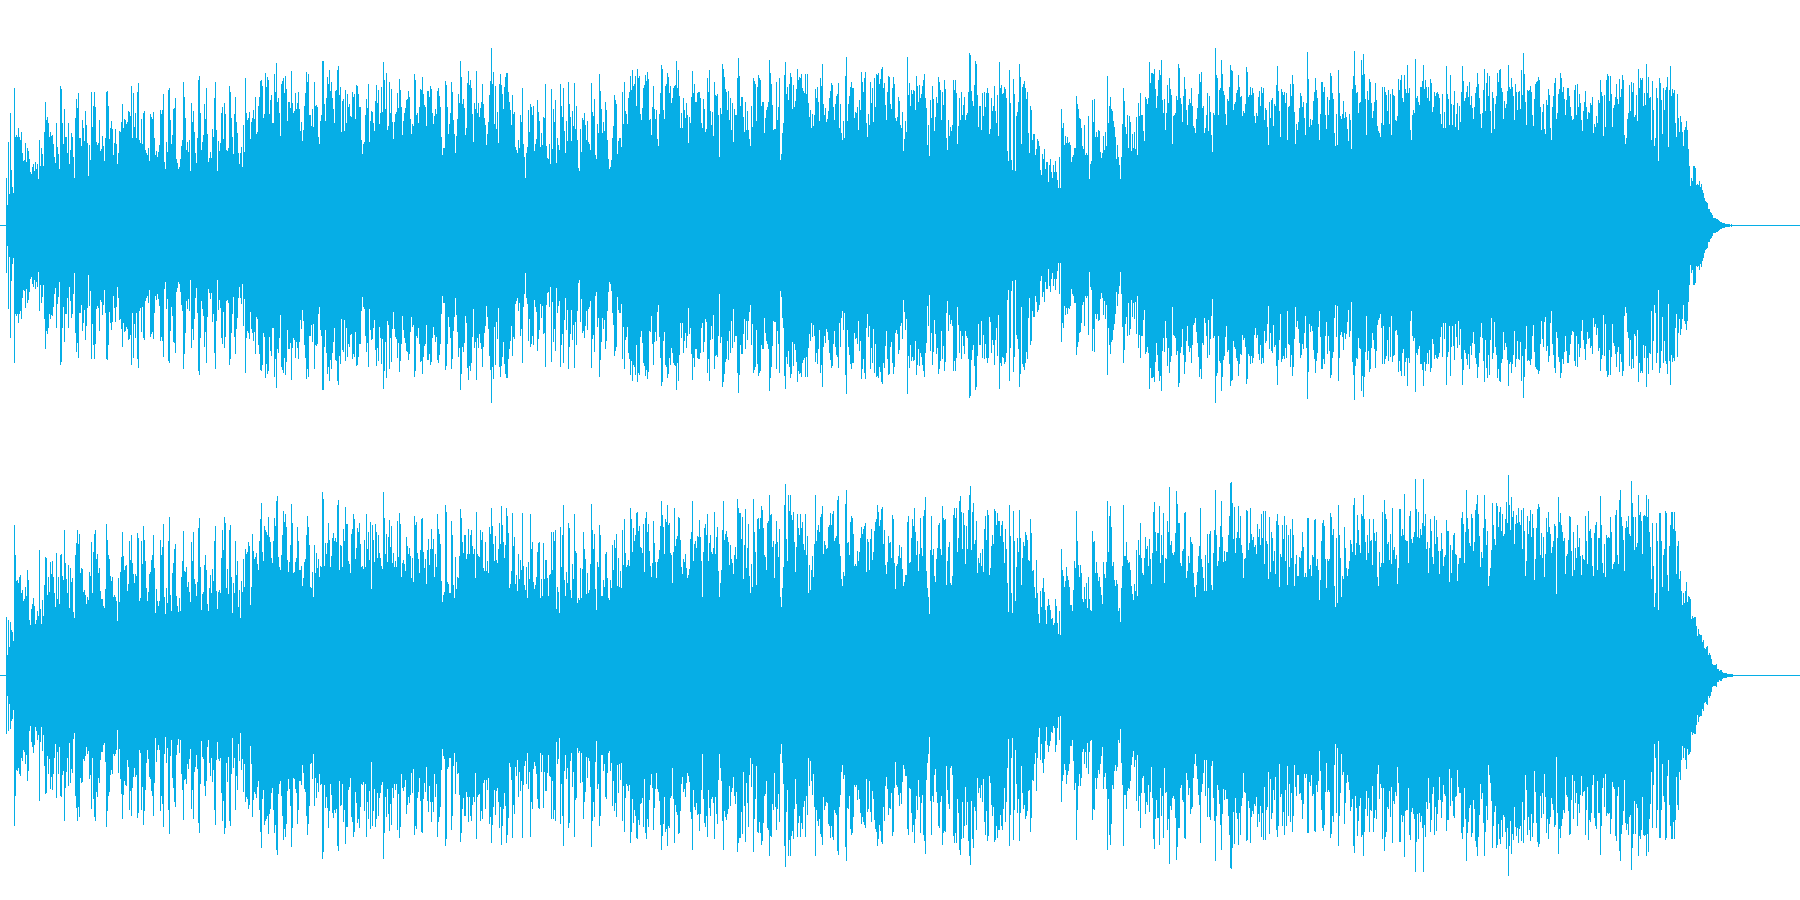 爽やかではつらつなミディアム・ポップスの再生済みの波形